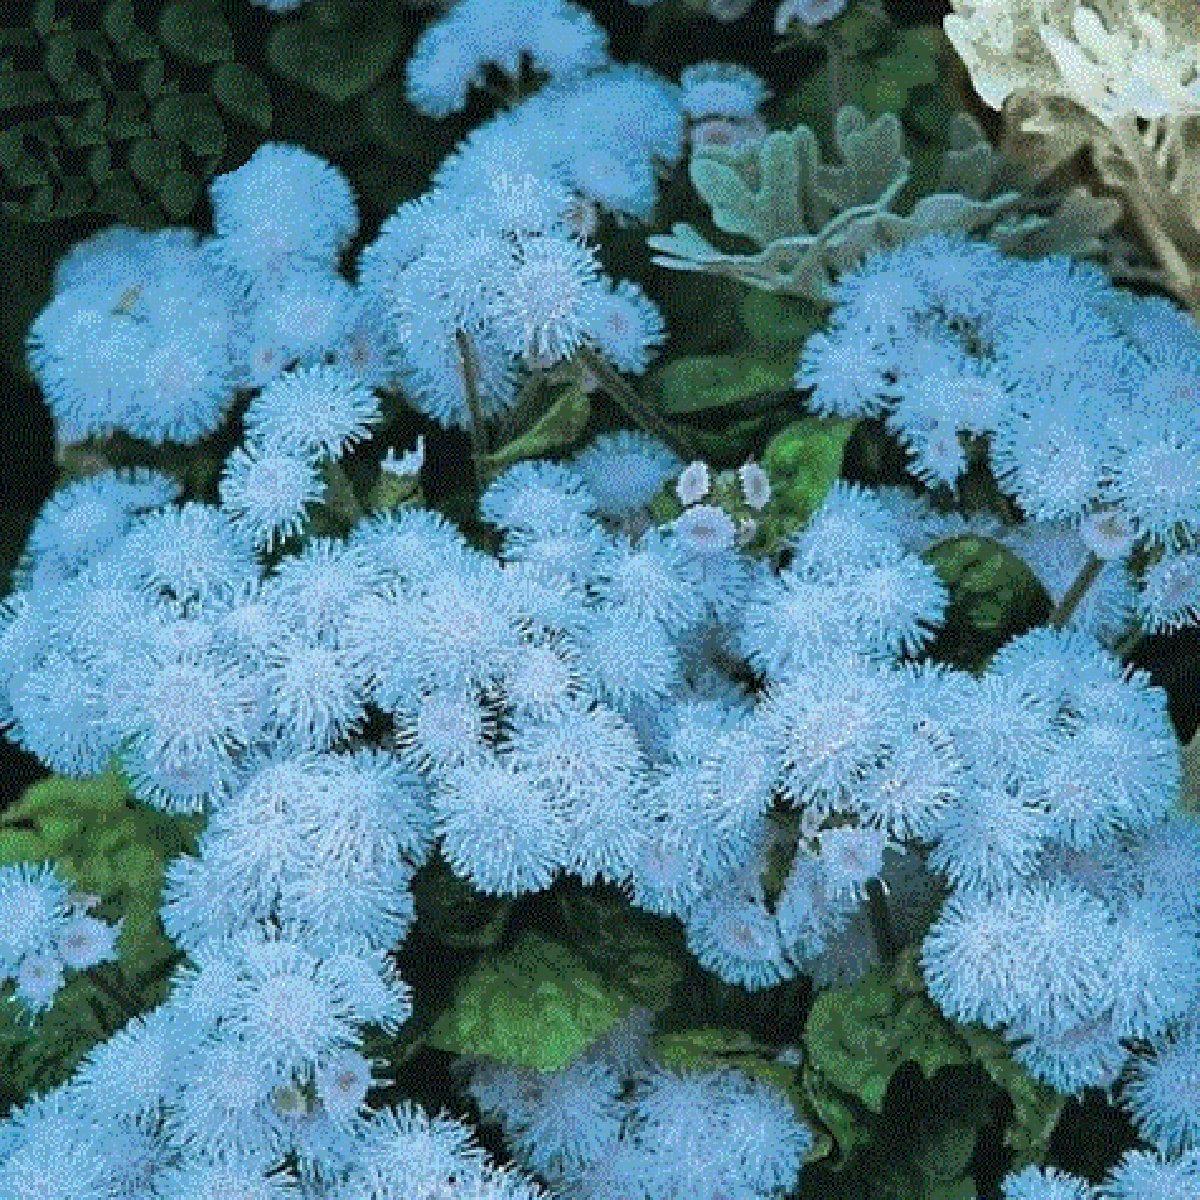 Best Garden Seeds New Ageratum 'Blue Ball' Quality Flower Seeds, 38 Seeds, Professional pack, blue cut indoor flowers by Best Garden Seeds